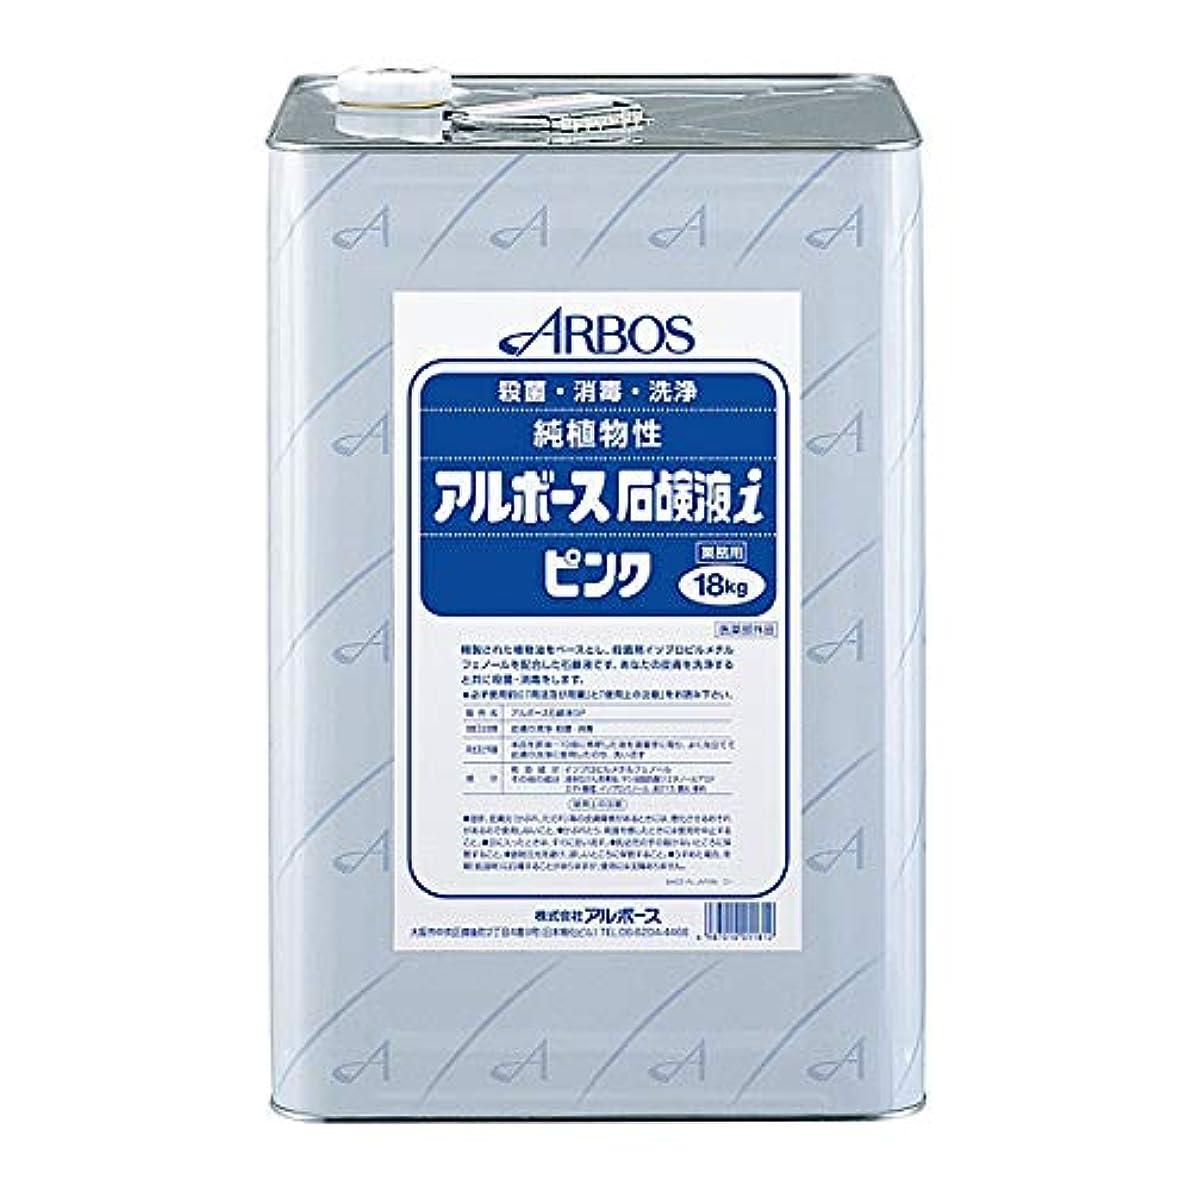 弱い不適当深く【清潔キレイ館】アルボース石鹸液i ピンク(18L)+つめブラシ1個 オマケ付